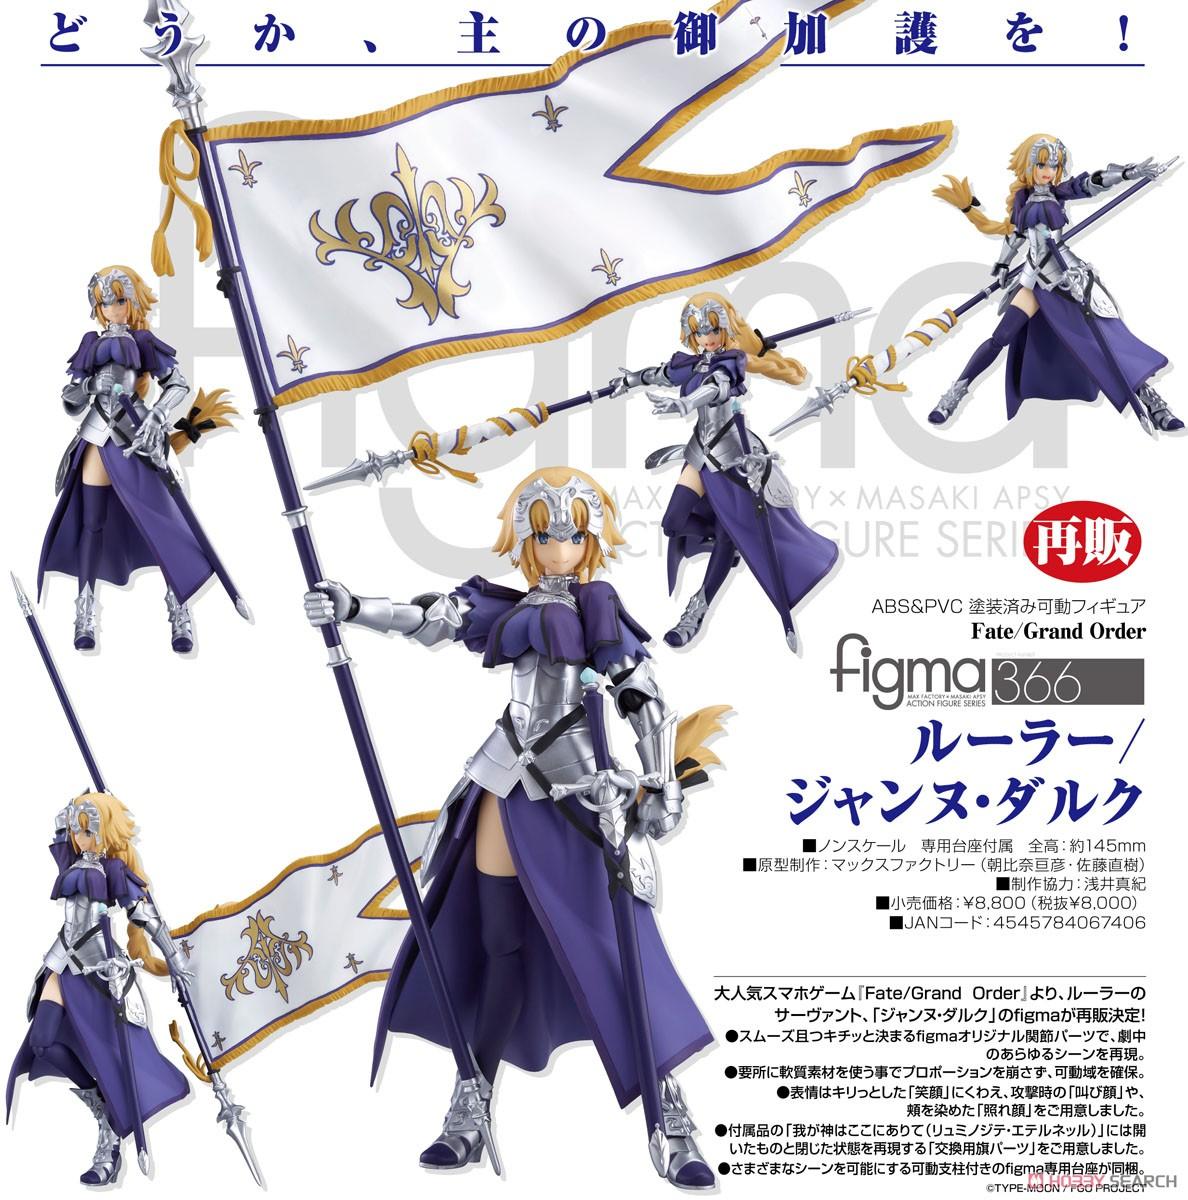 【再販】figma『ルーラー/ジャンヌ・ダルク』Fate/Grand Order 可動フィギュア-006